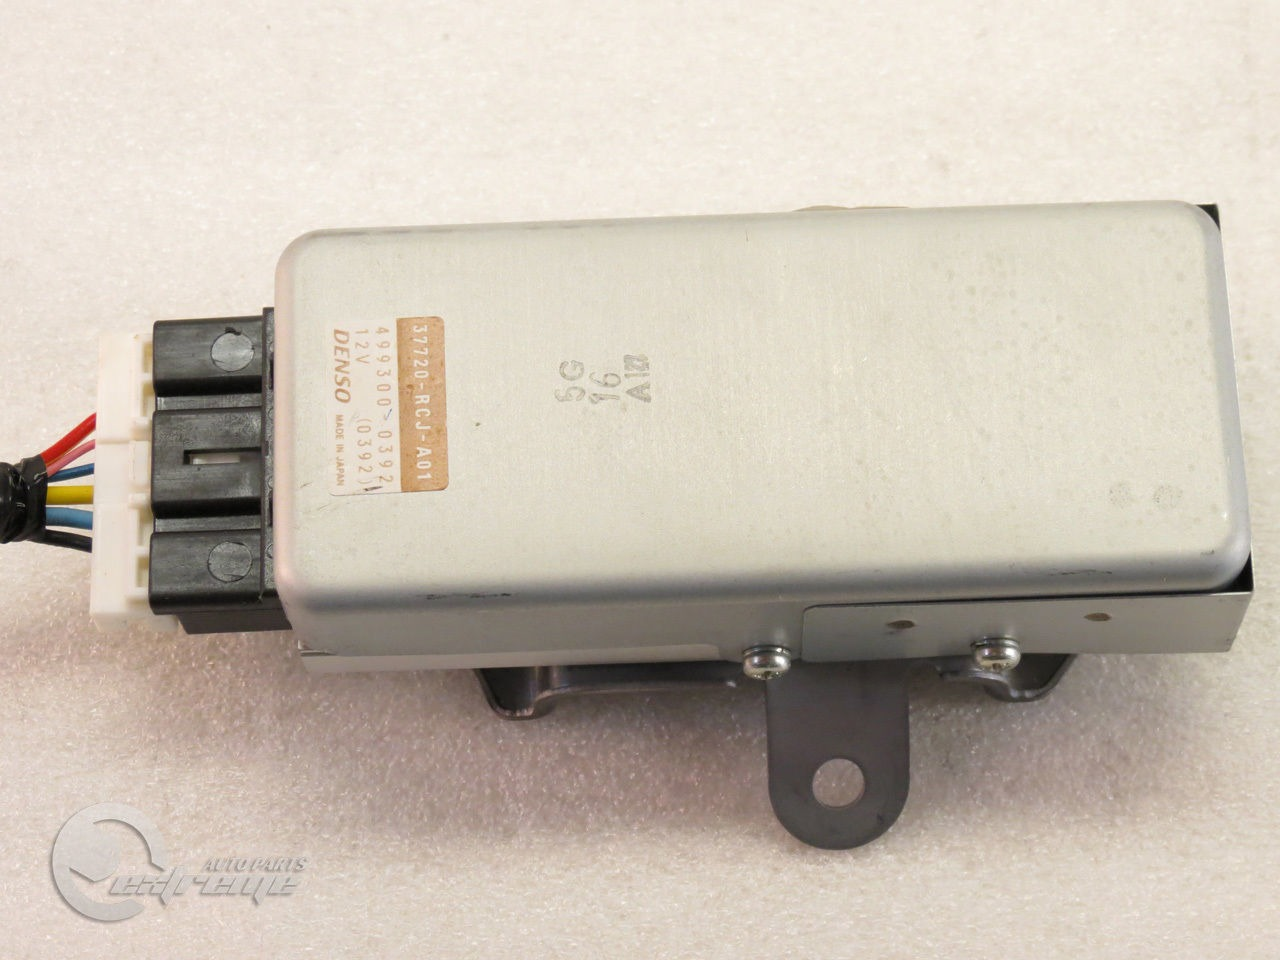 Honda Accord Hybrid 05 07 Fuel Pump Control Unit Module 37720 Rcj A01